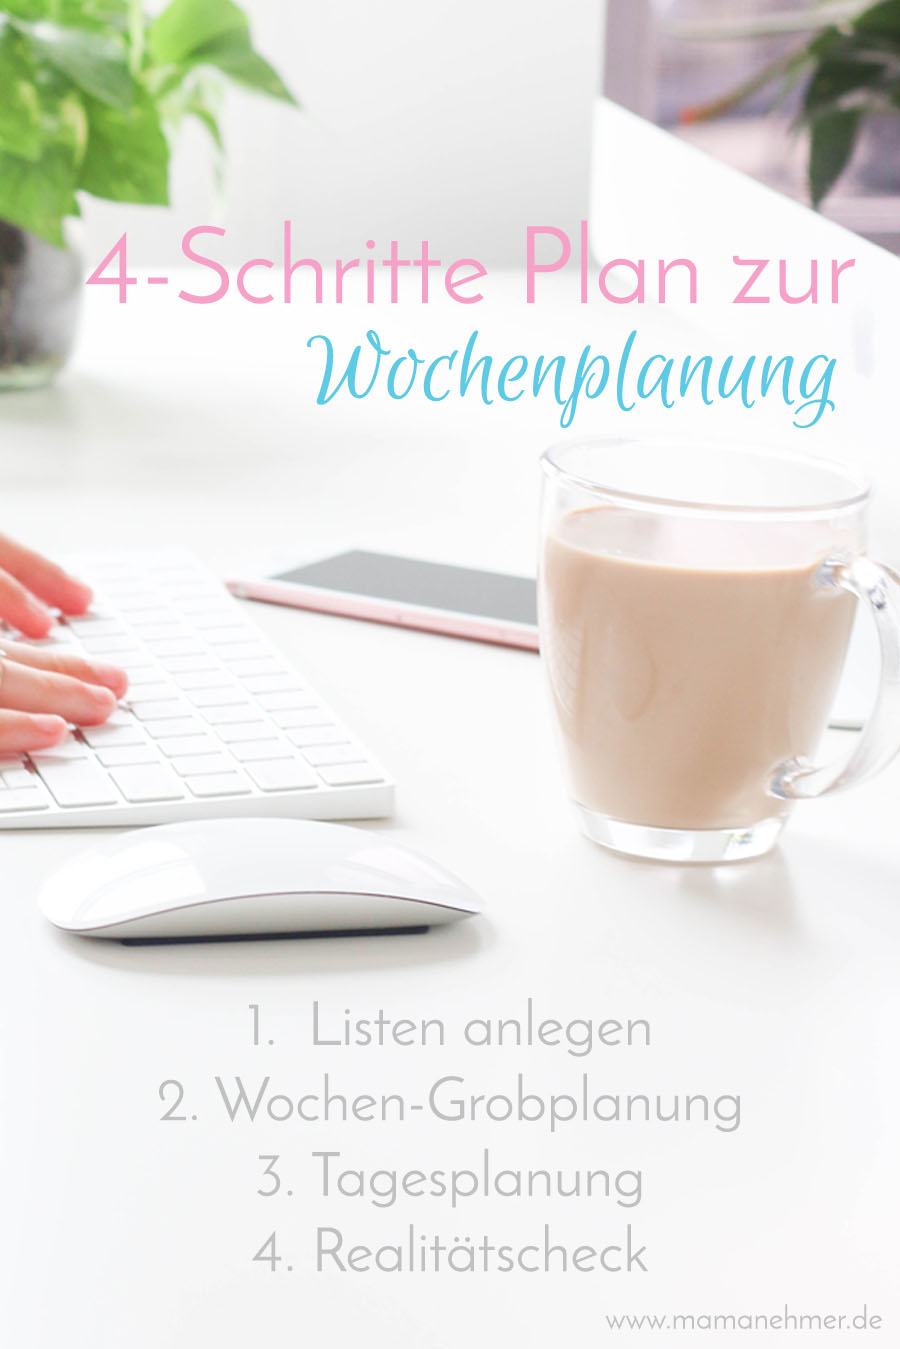 Wochenplanung im Mamanehmer Business 4-Schritte Plan